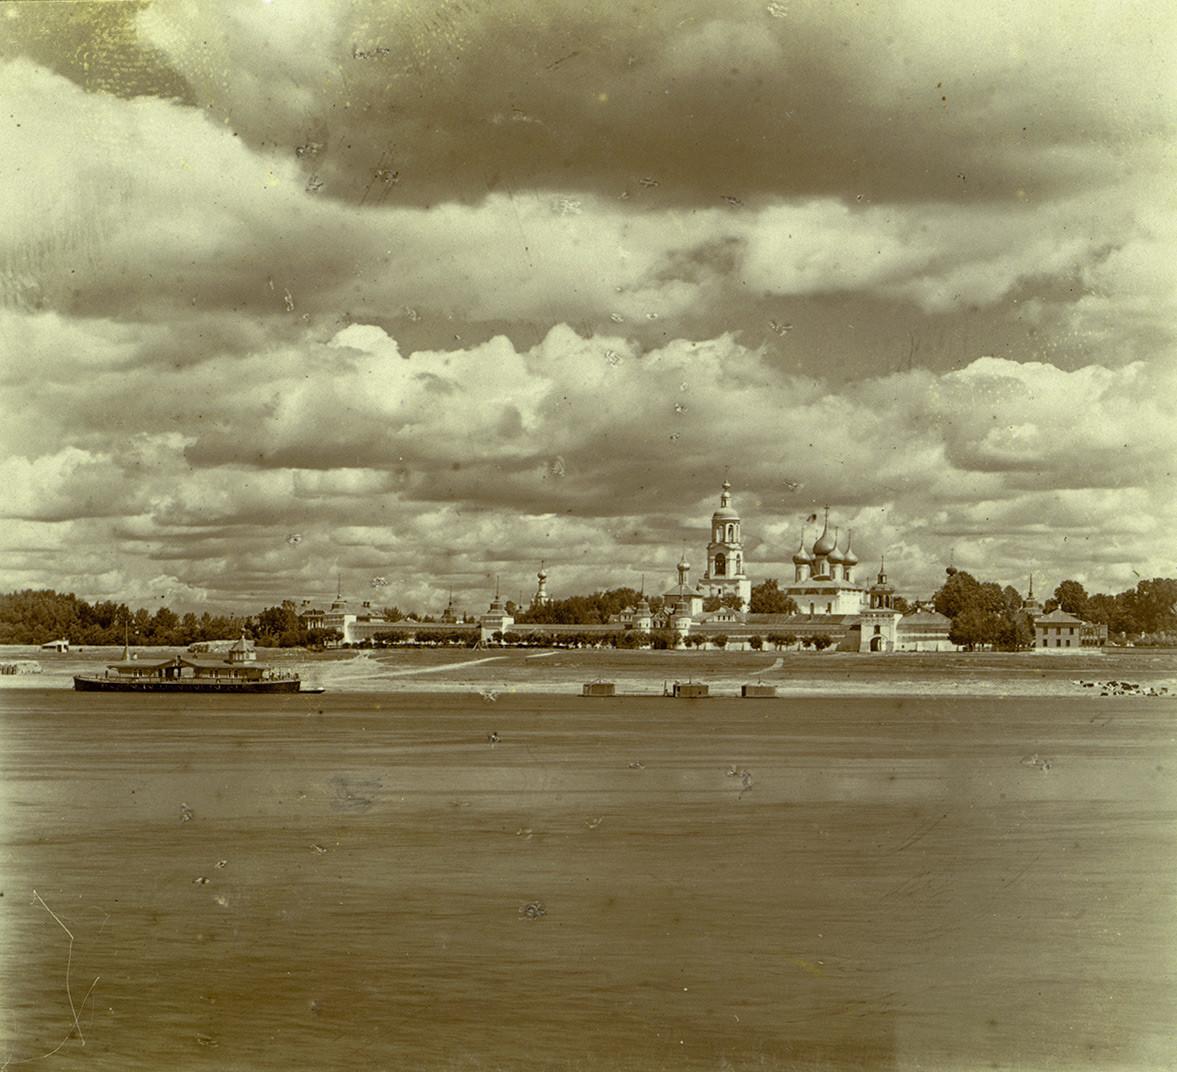 Толгски манастир, югозападна гледка от река Волга, Снимка: Сергей Прокудин-Горски, 1910